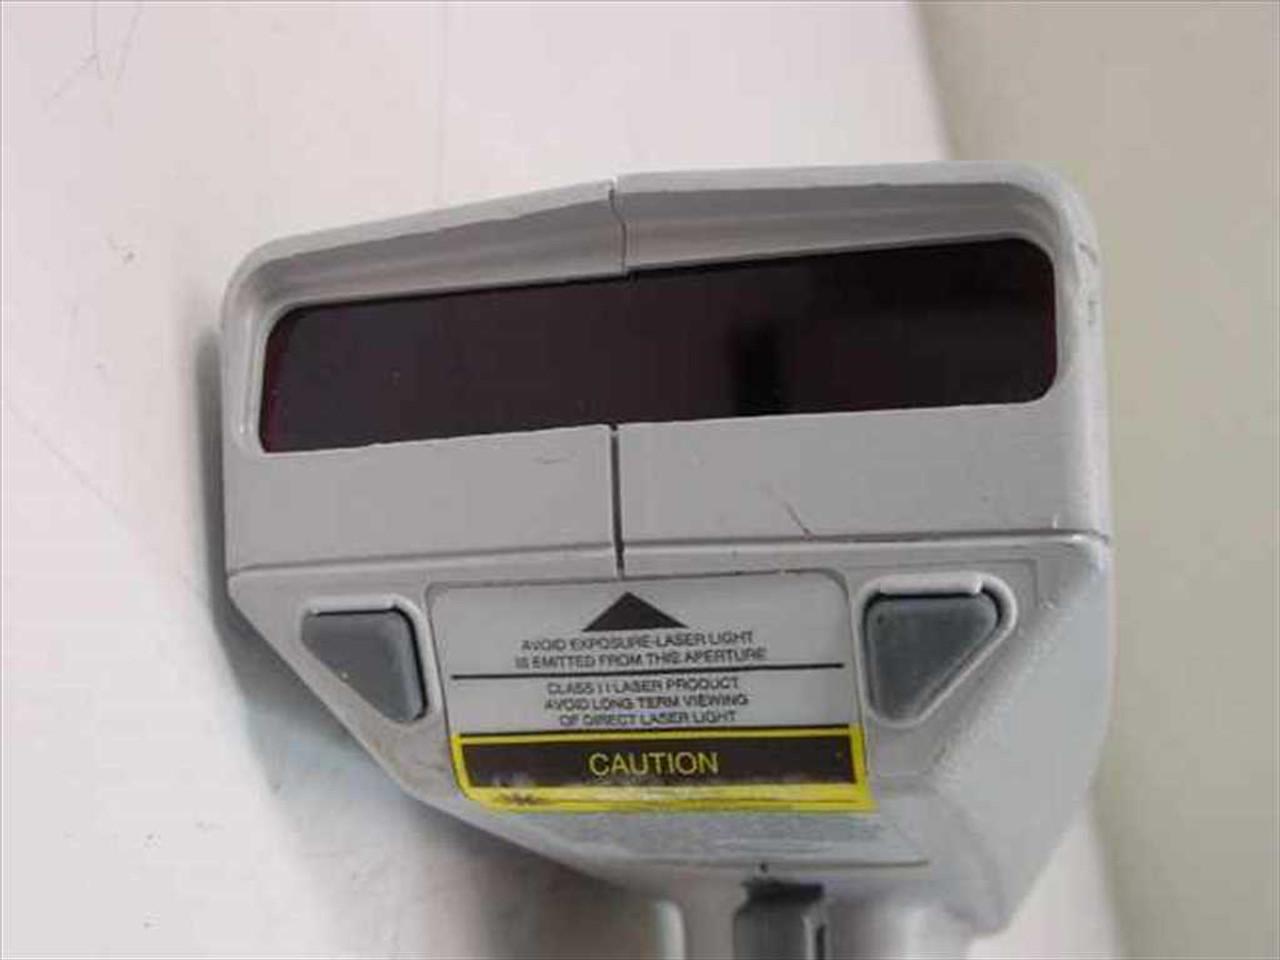 Symbol Ls 2080mx 1200a Barcode Scanner Gun Serial Interface